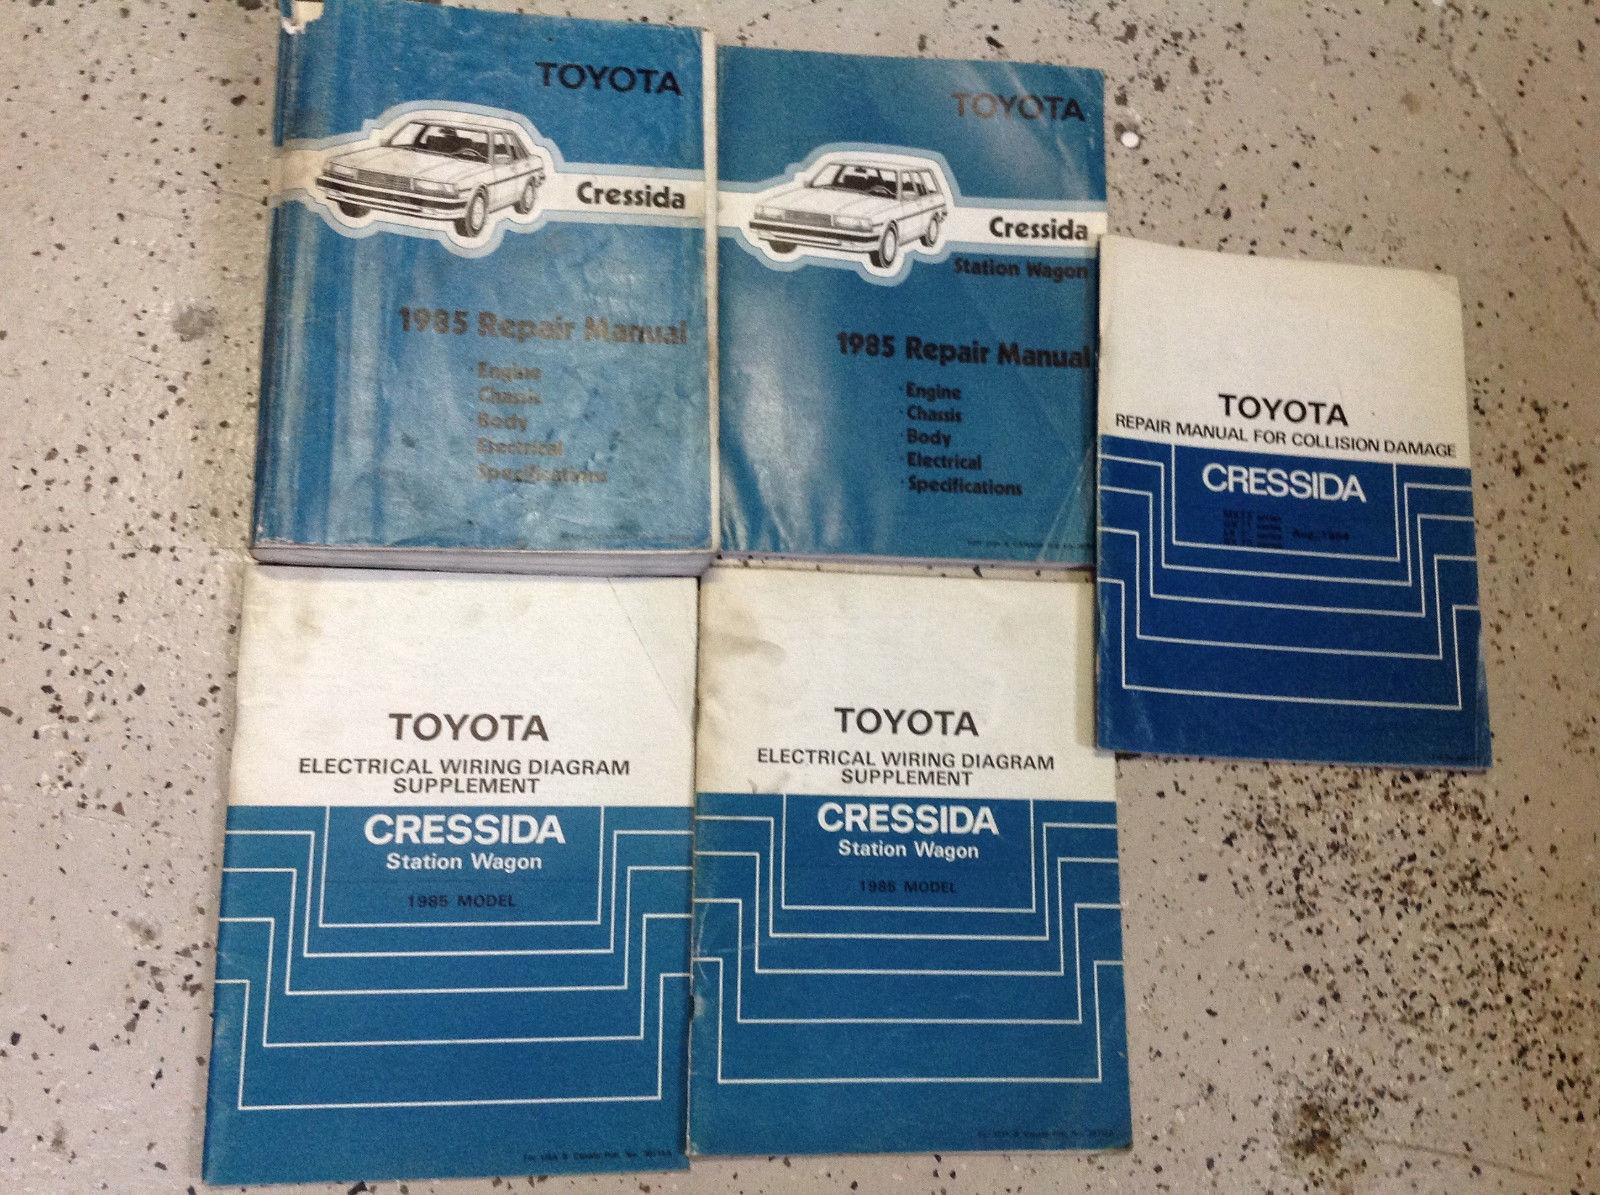 toyota cressida repair manual